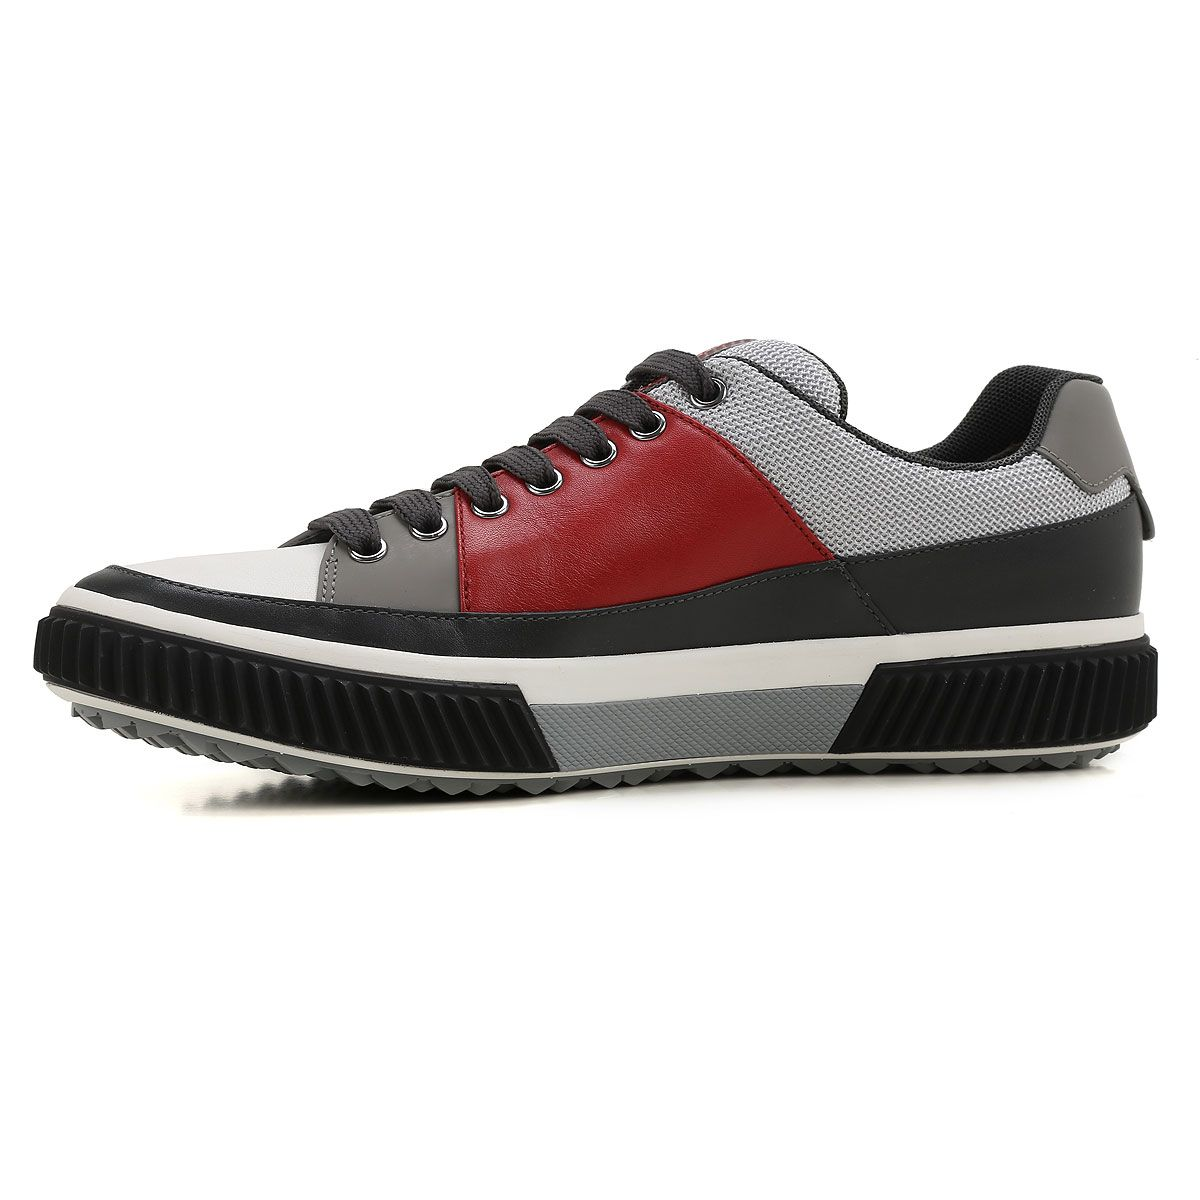 Pin de Elie Moussa en Zapatos Zapatillas Pinterest Zapatos Zapatillas Zapatos y c0e52c